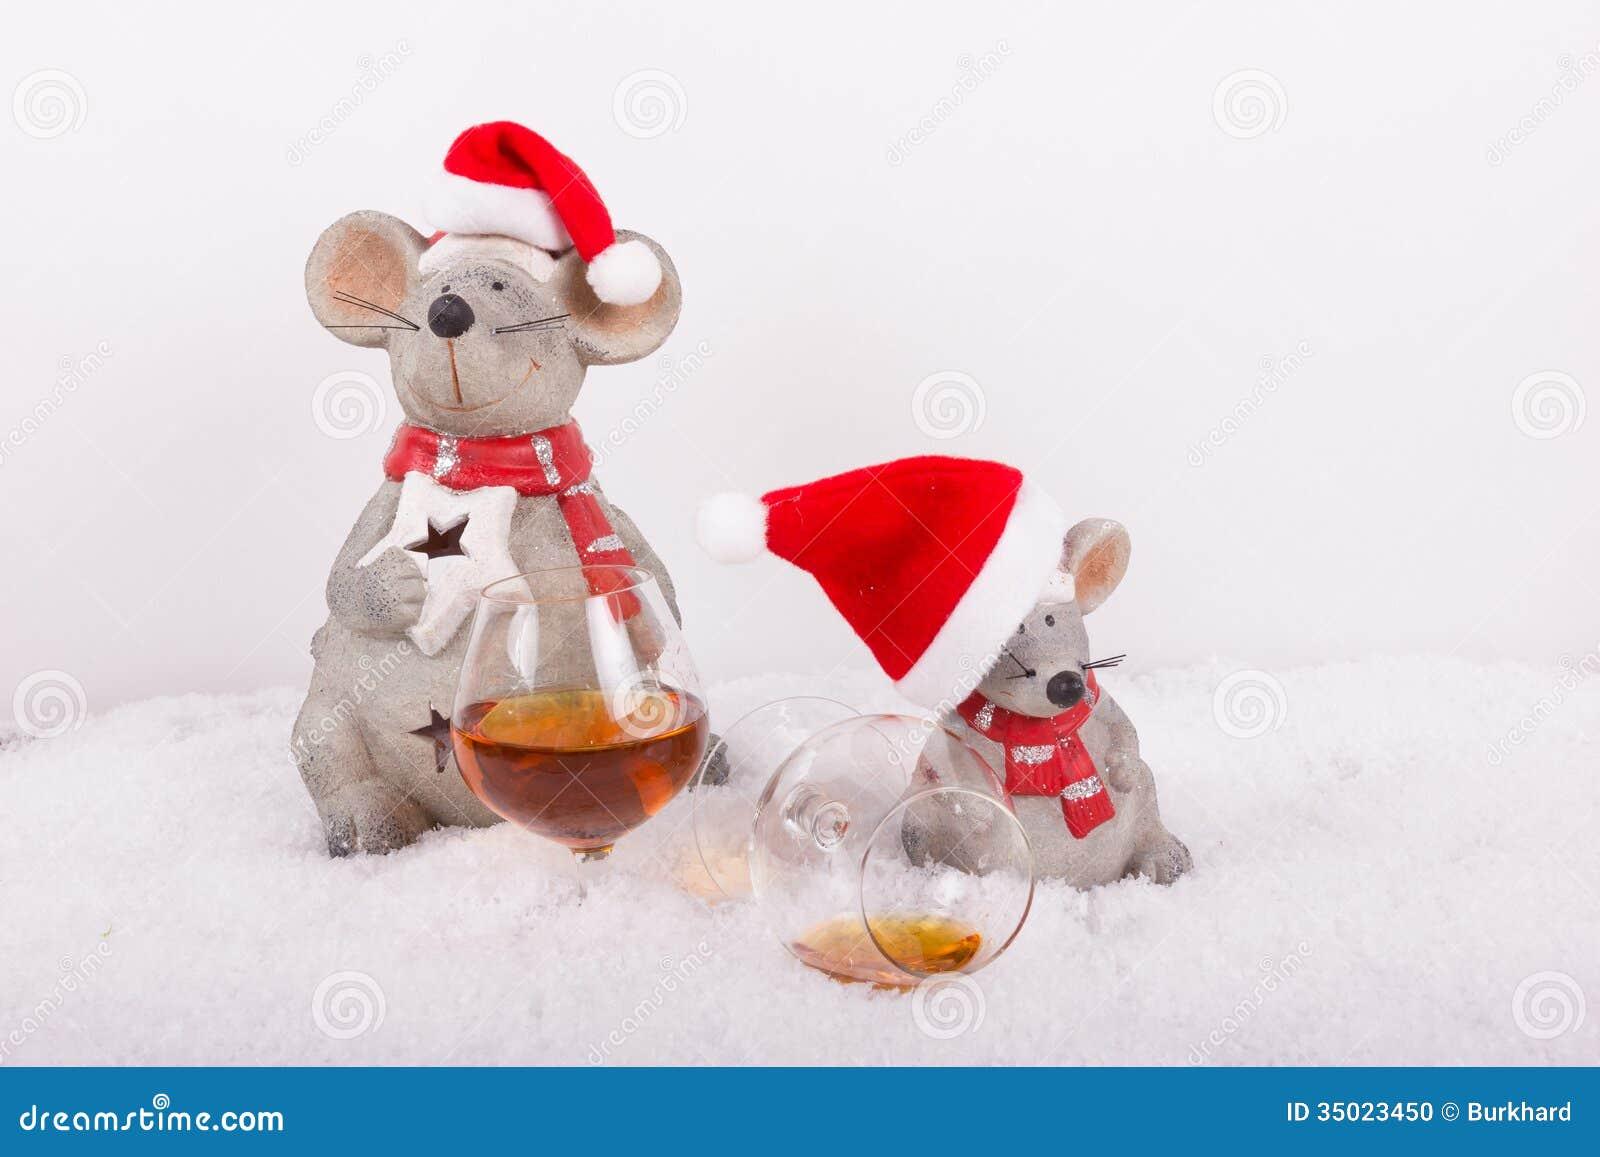 erheiterndes weihnachten im schnee stockfoto bild von. Black Bedroom Furniture Sets. Home Design Ideas